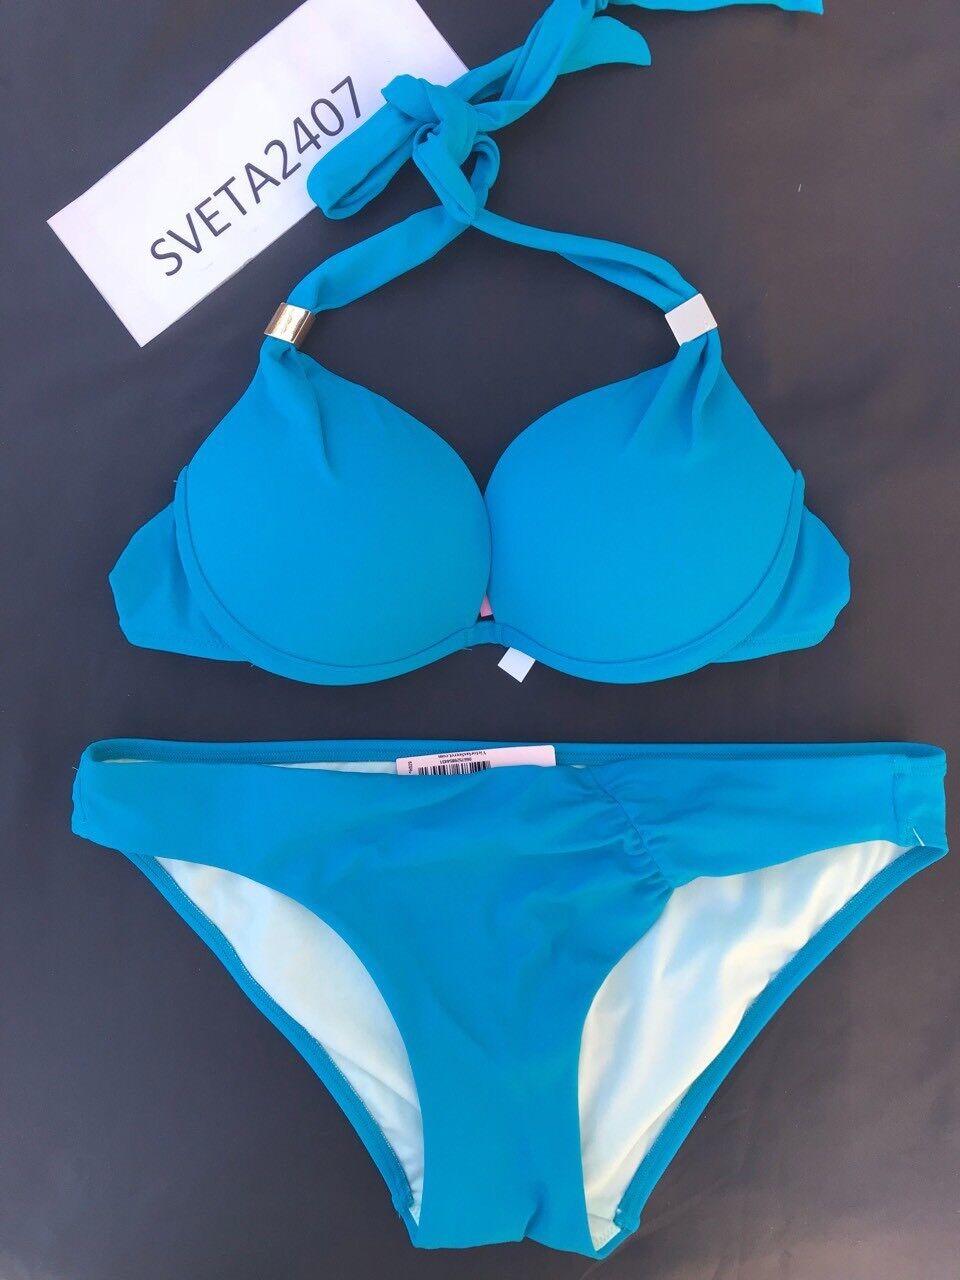 Victoria's Secret BikiniHottie+1Cup Halter Ruched CheekyDeep Turquoise34B M